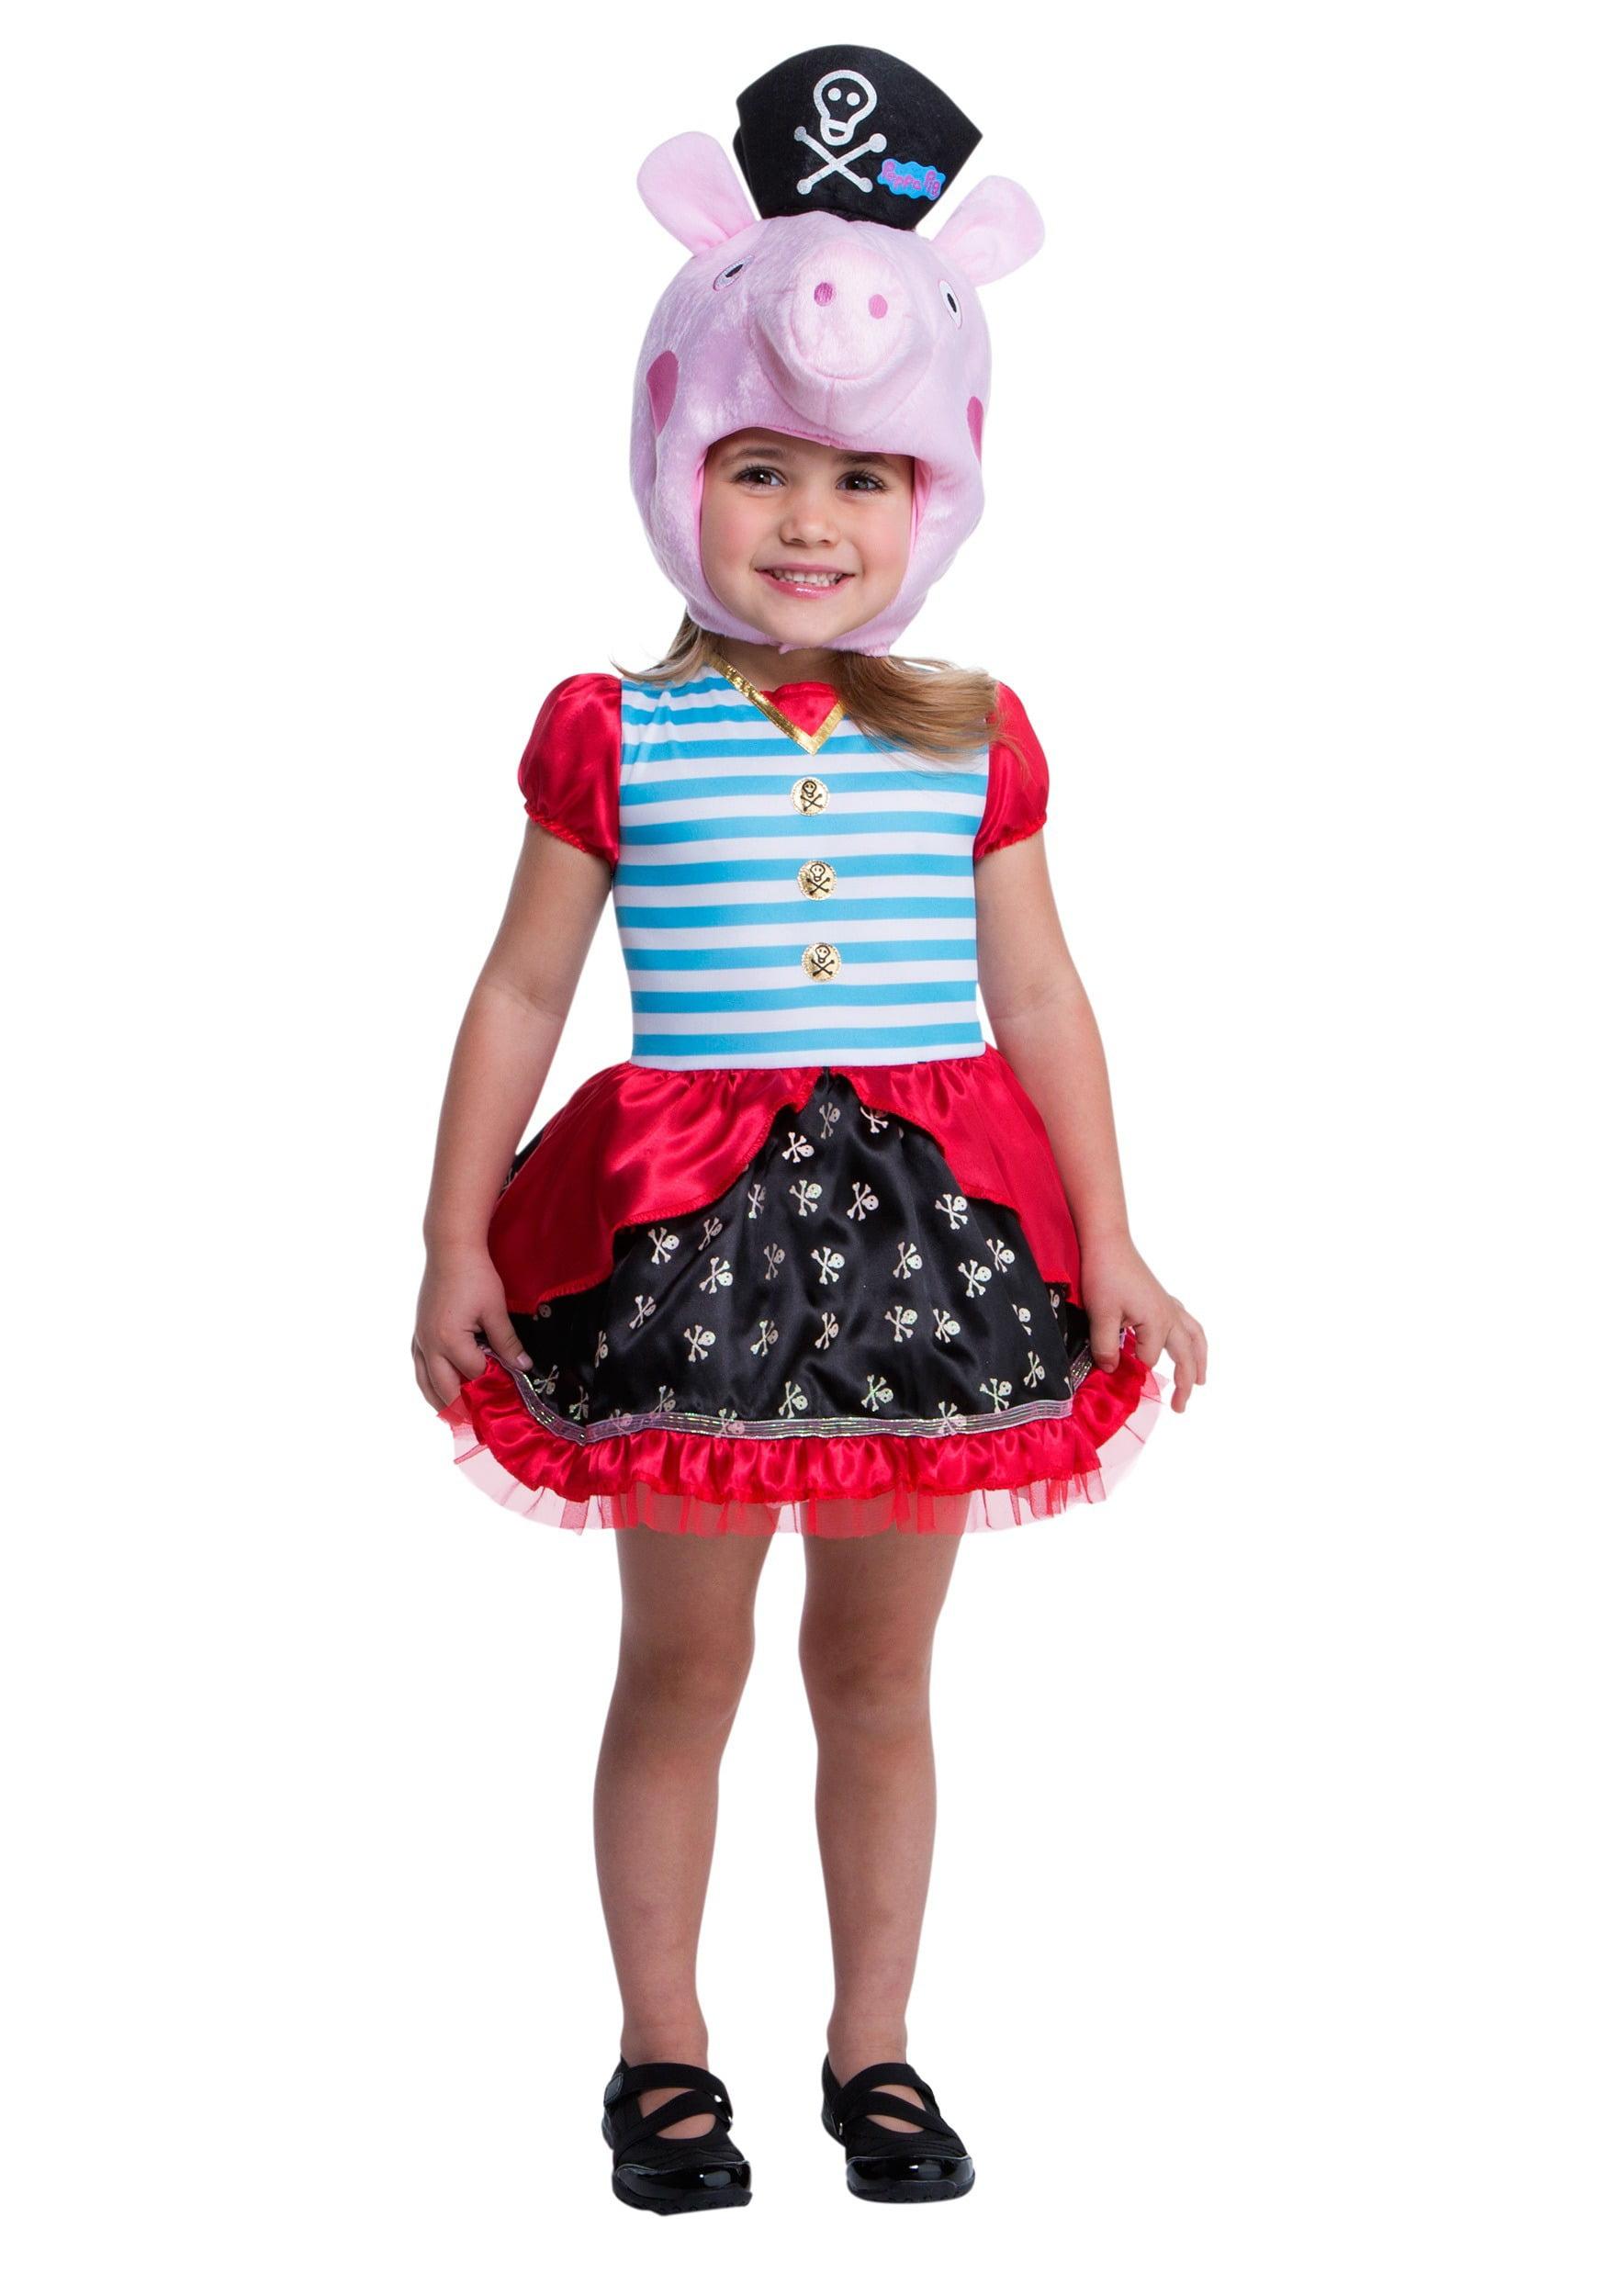 Peppa Pig Pirate Costume by Palamon